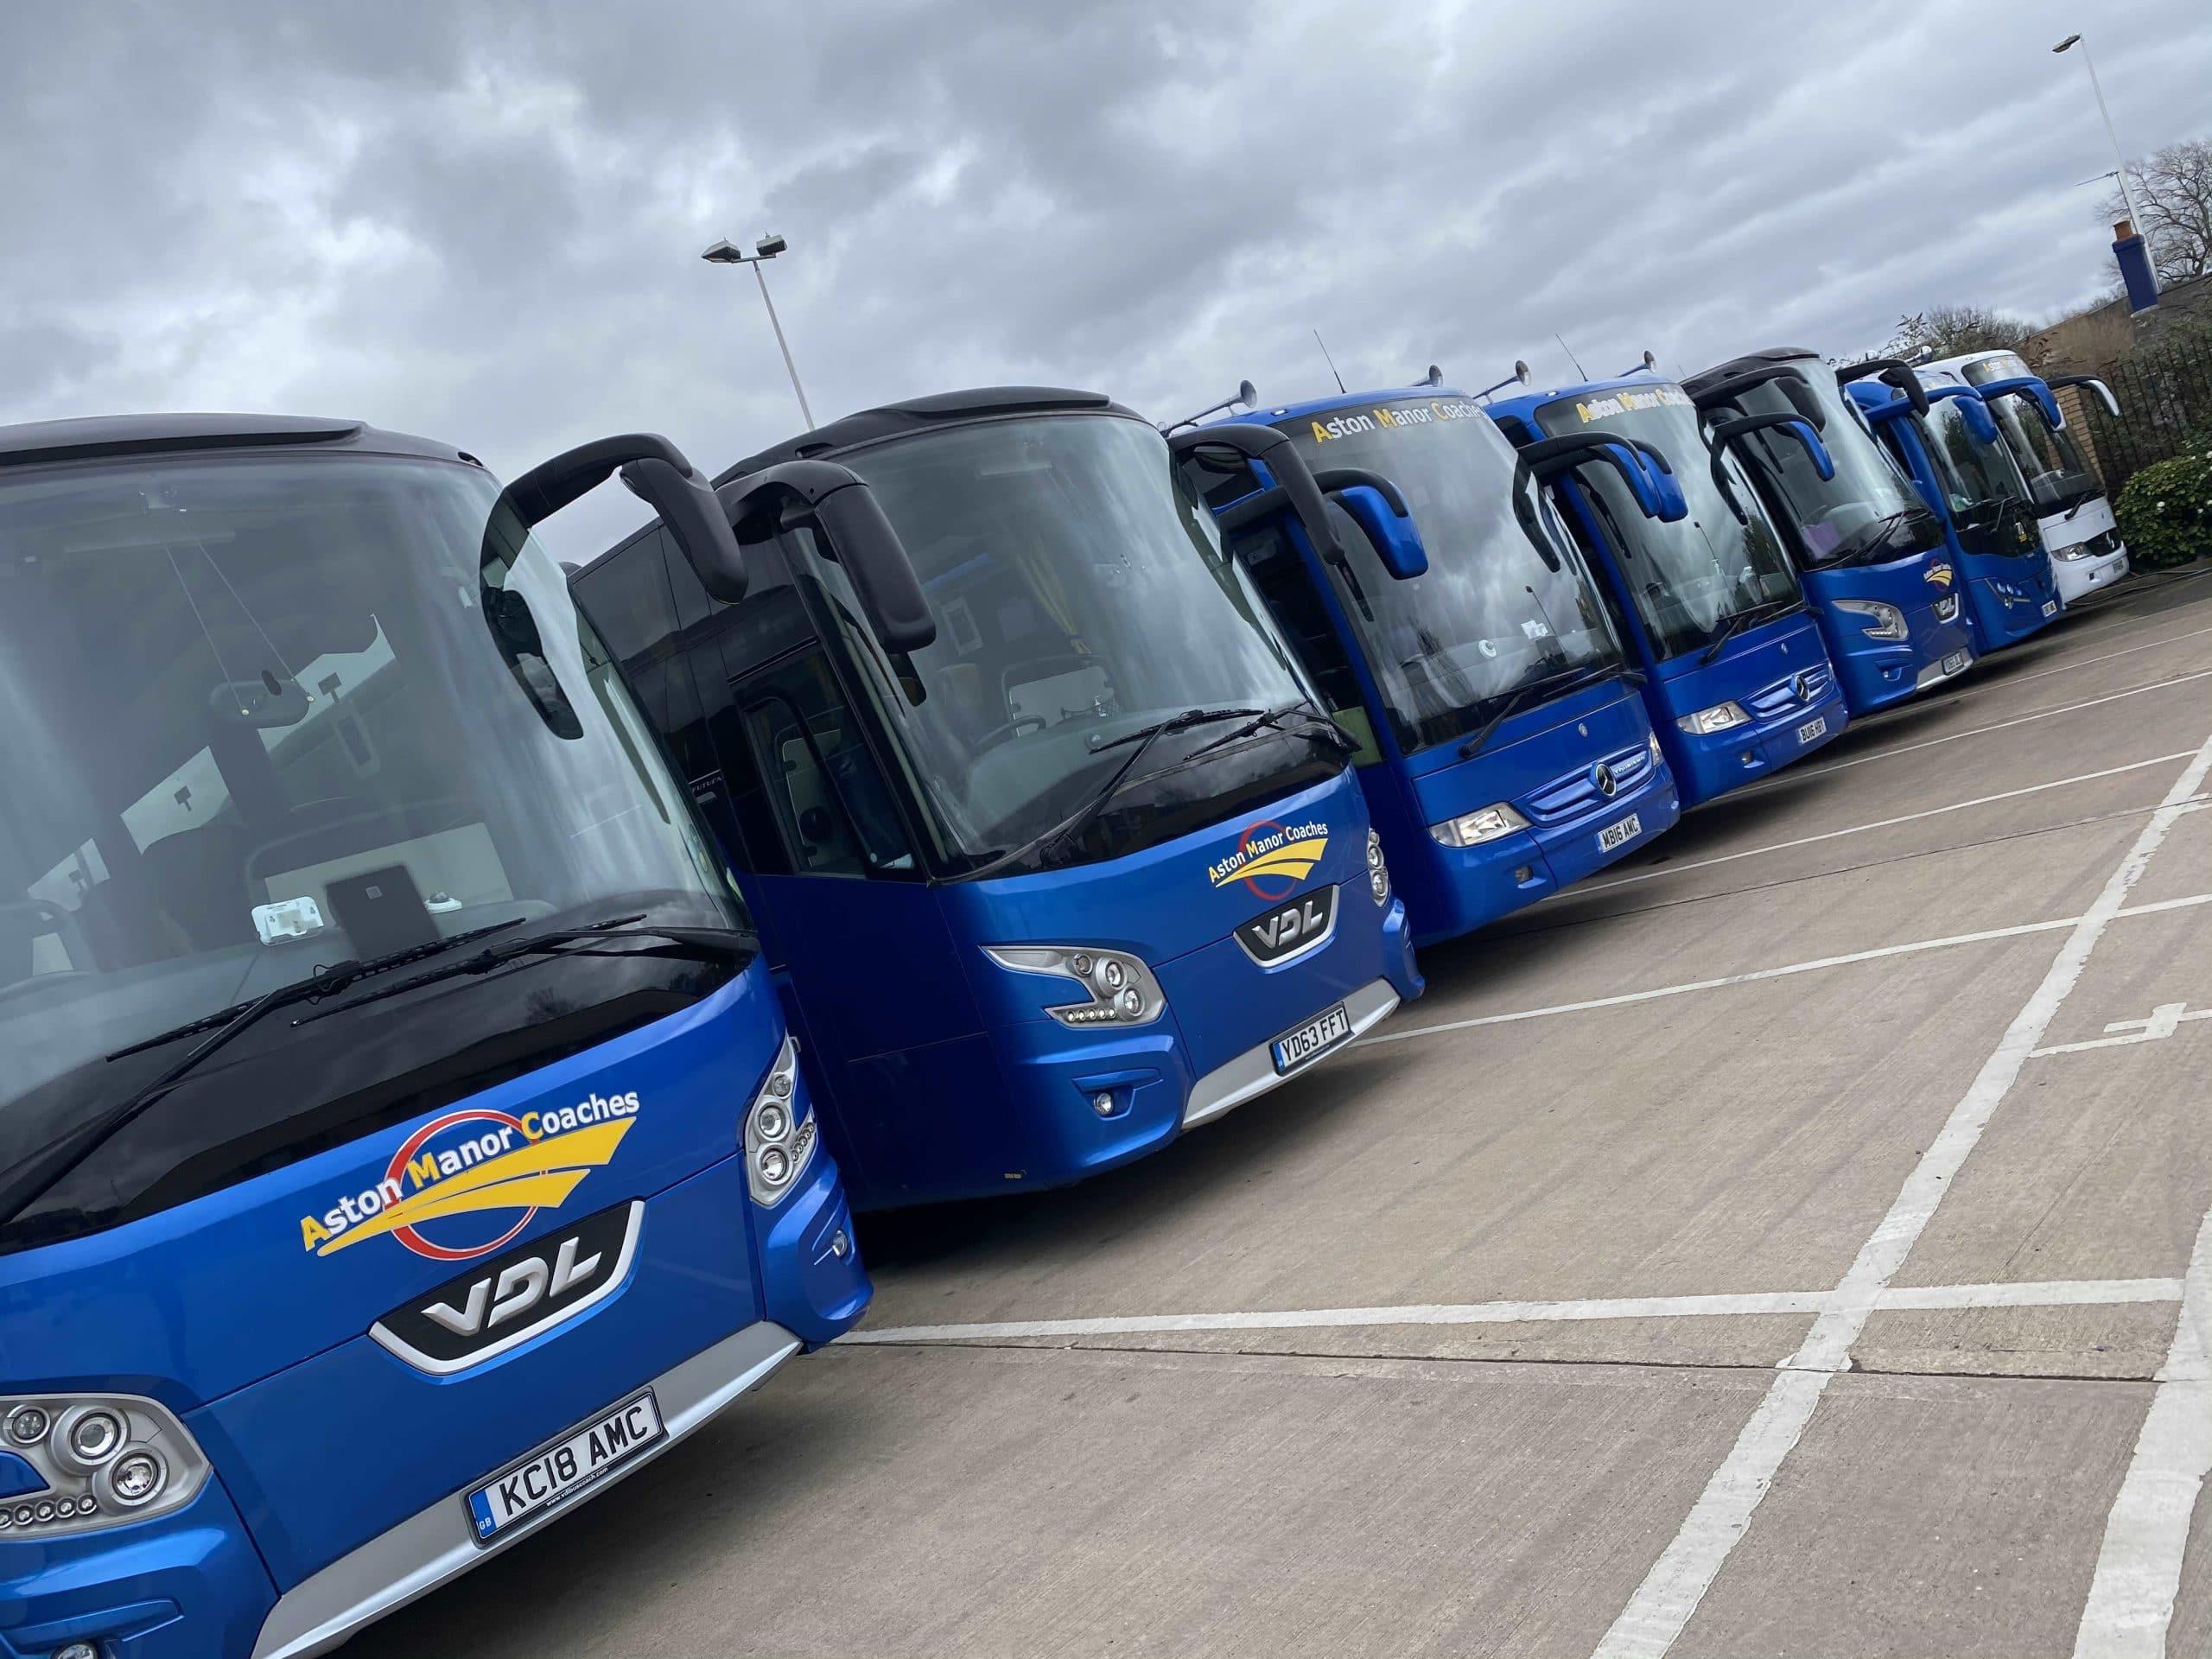 Aston Manor Coaches